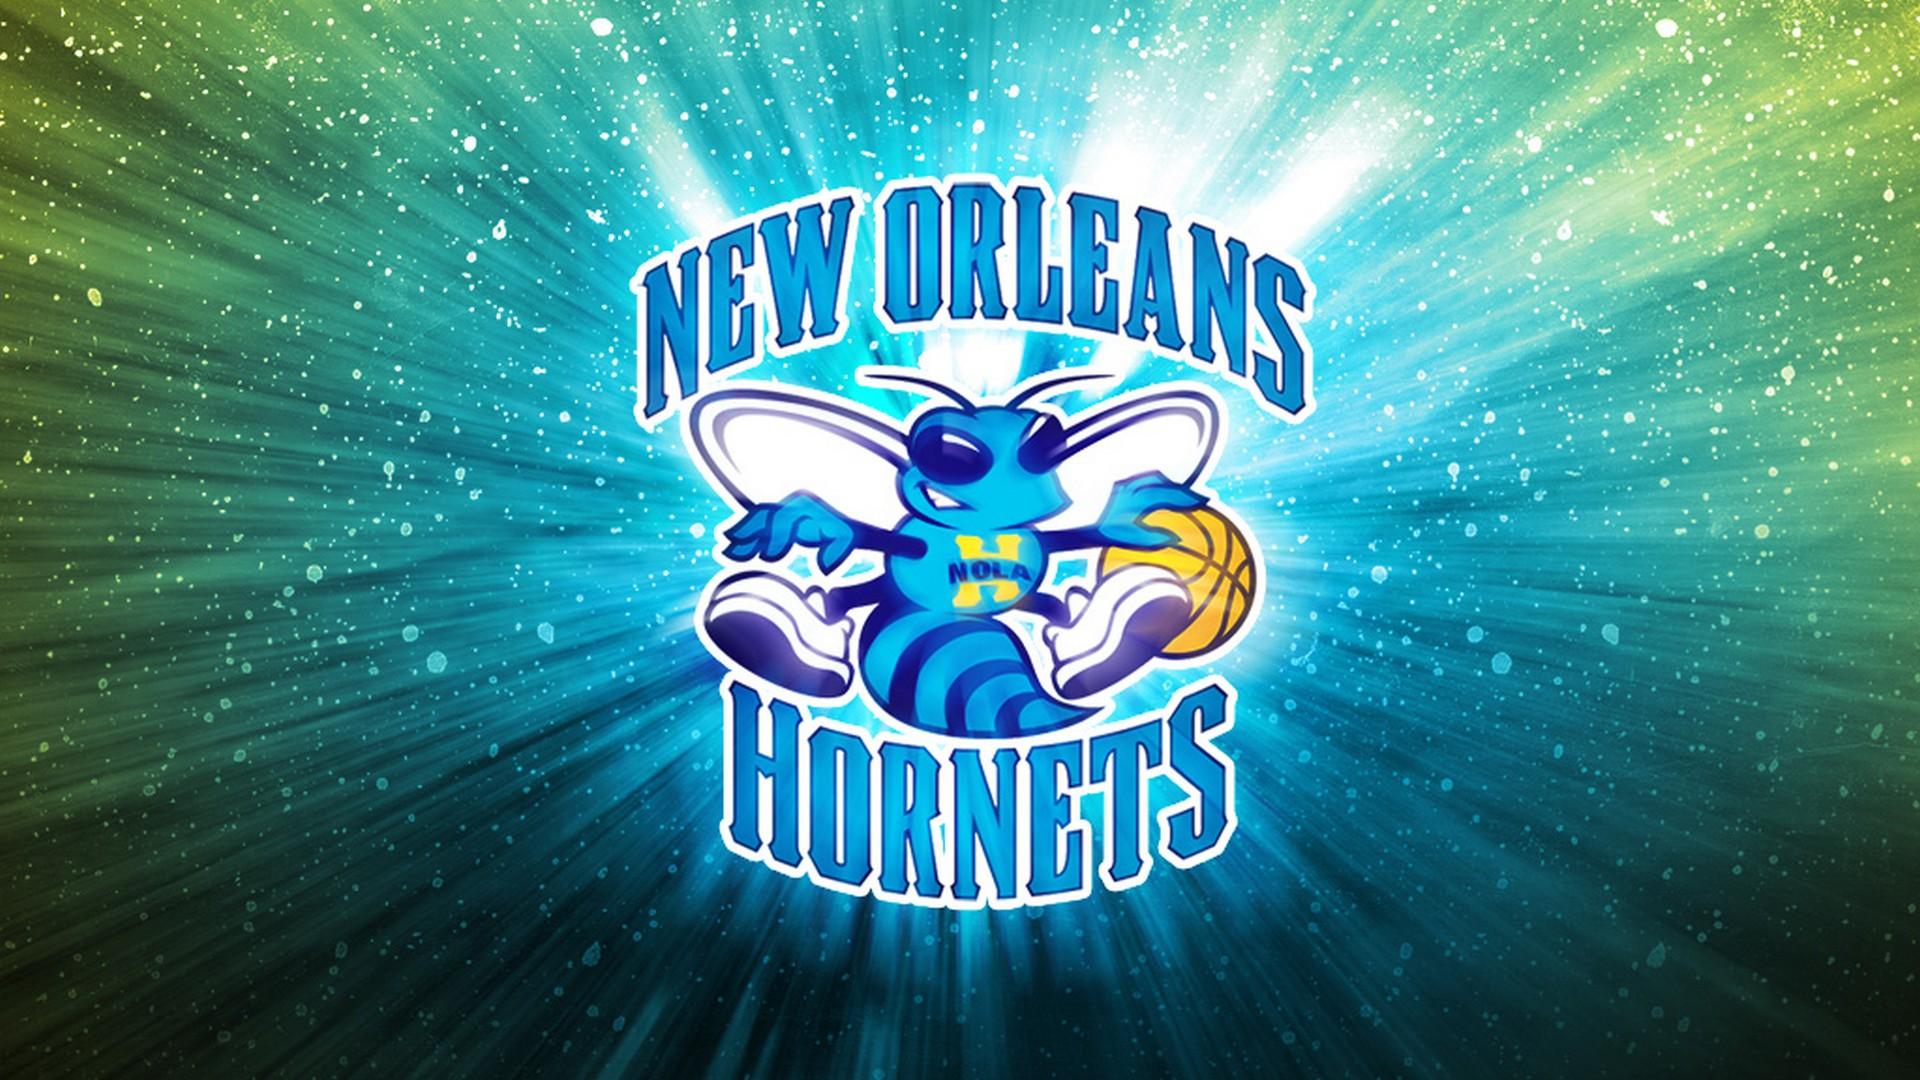 Charlotte Hornets For Mac Wallpaper 2019 Basketball Wallpaper 1920x1080